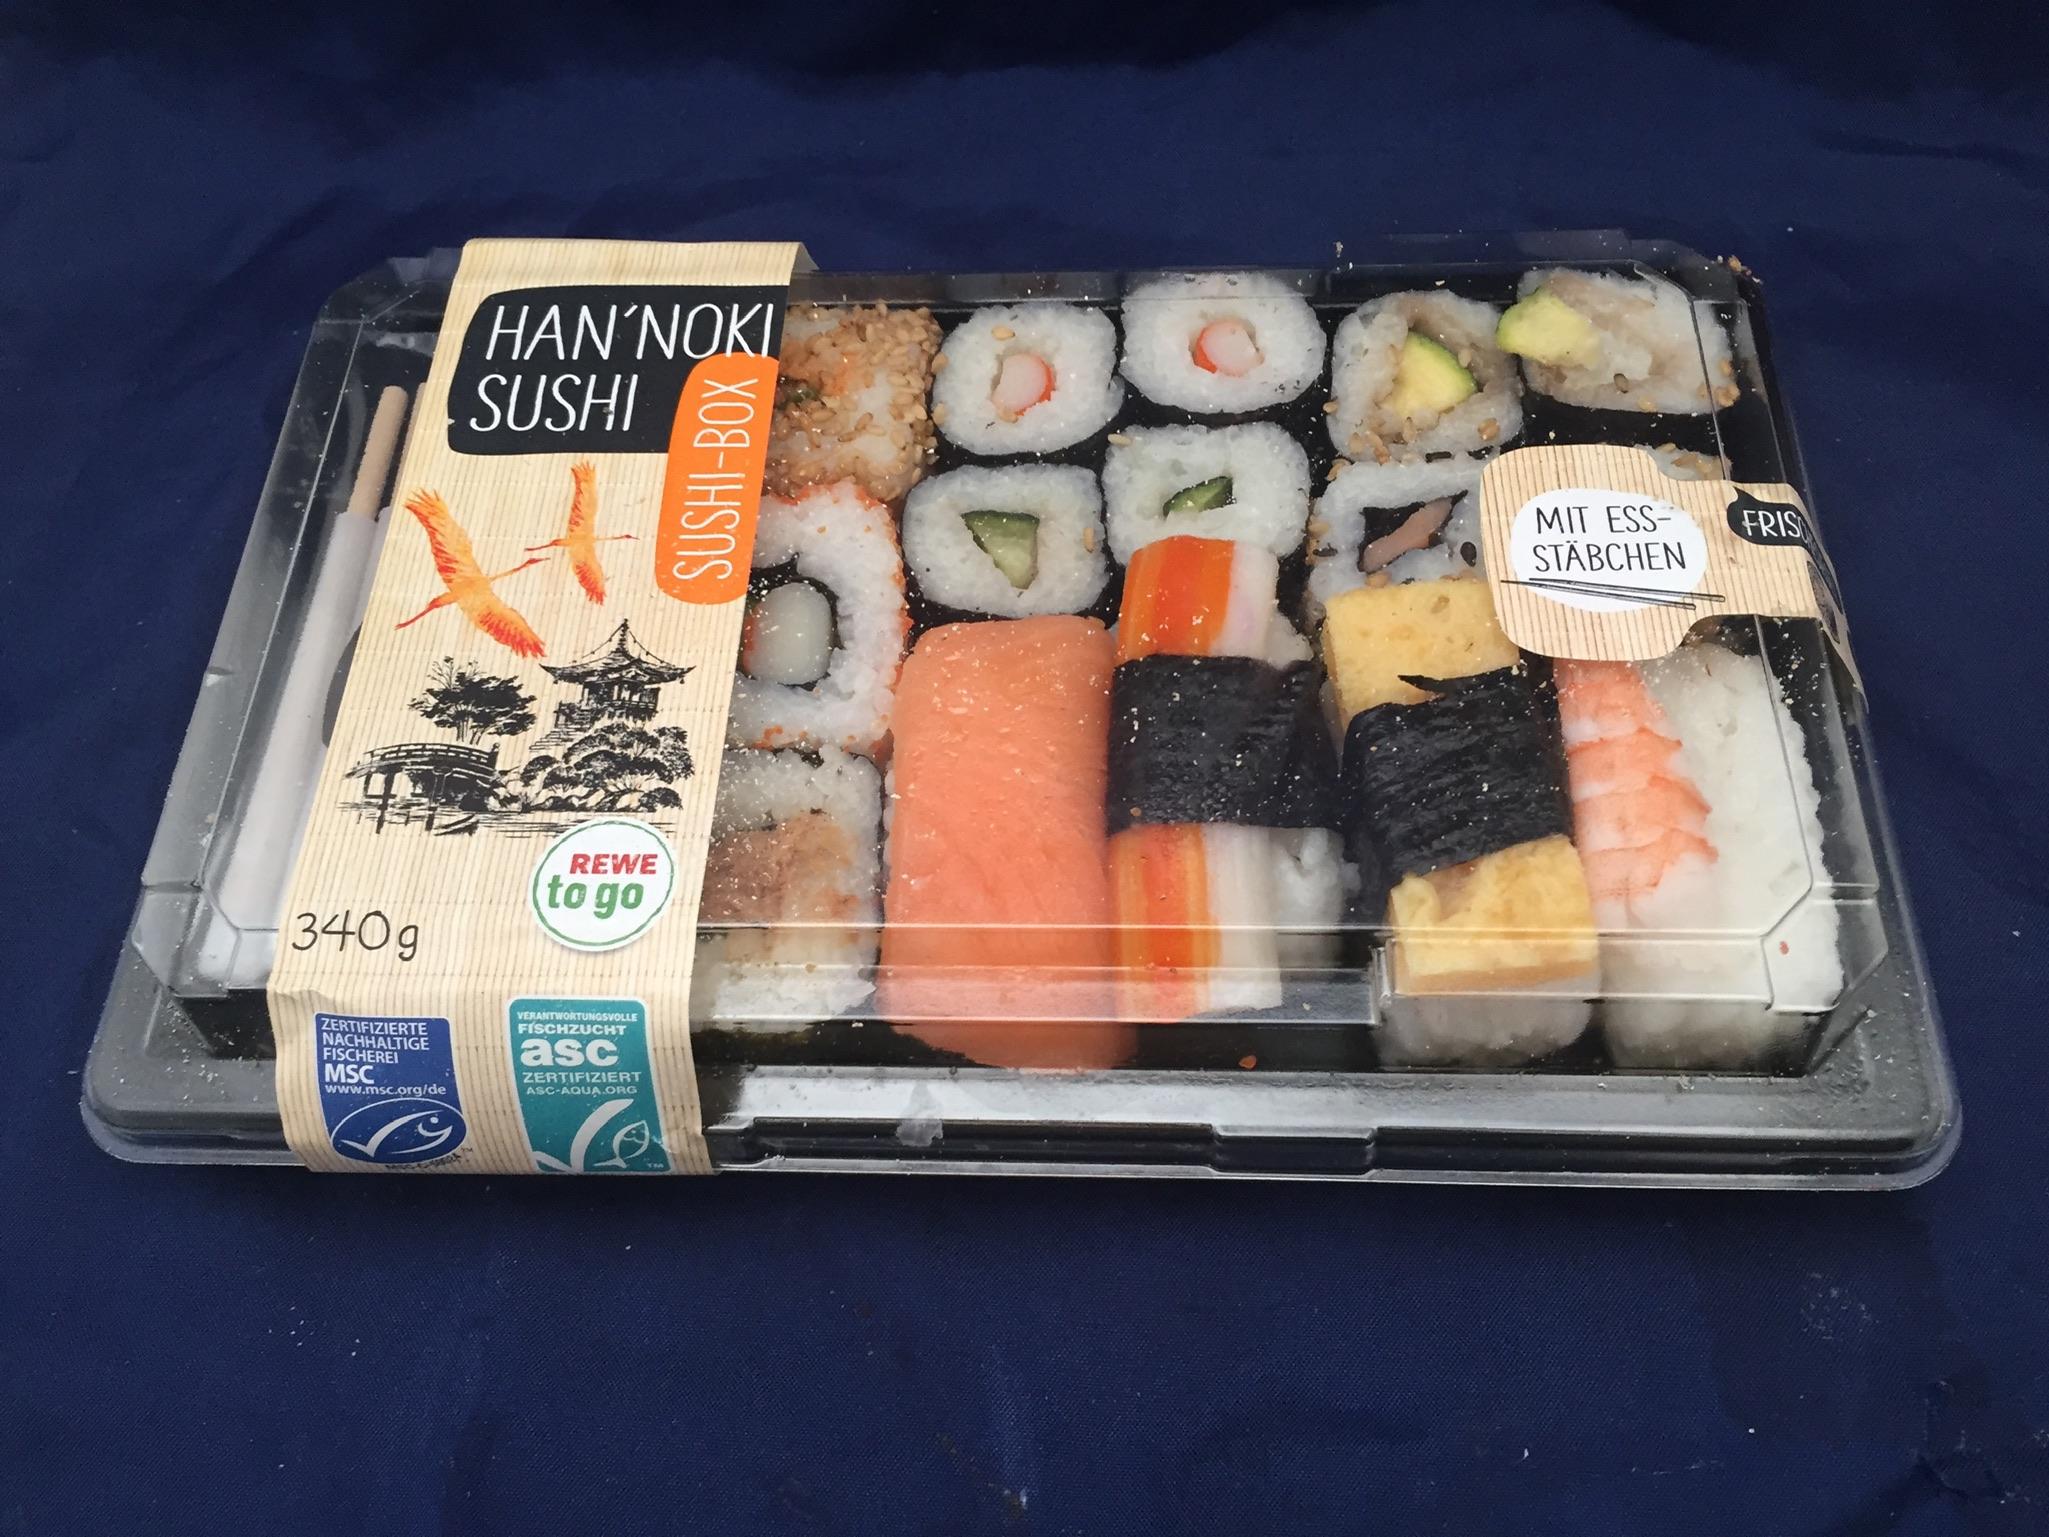 Sushi-Box Han'noki Sushi